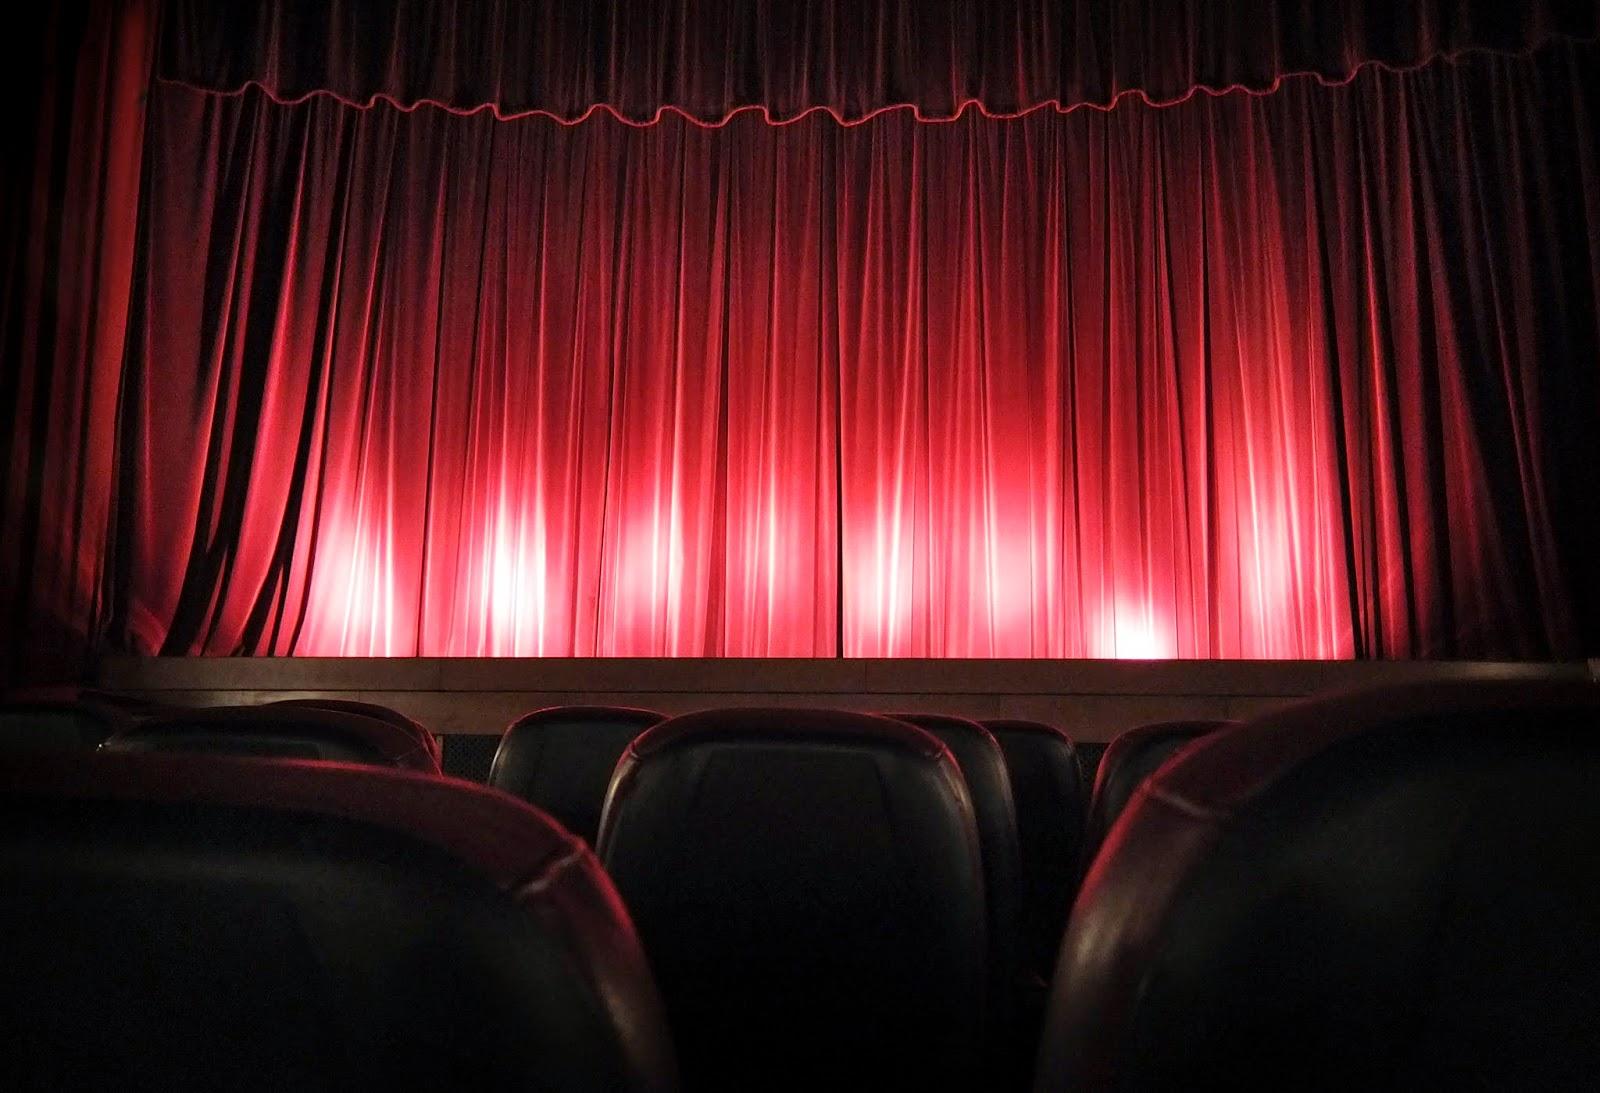 Cinema, Curtains, Theatre